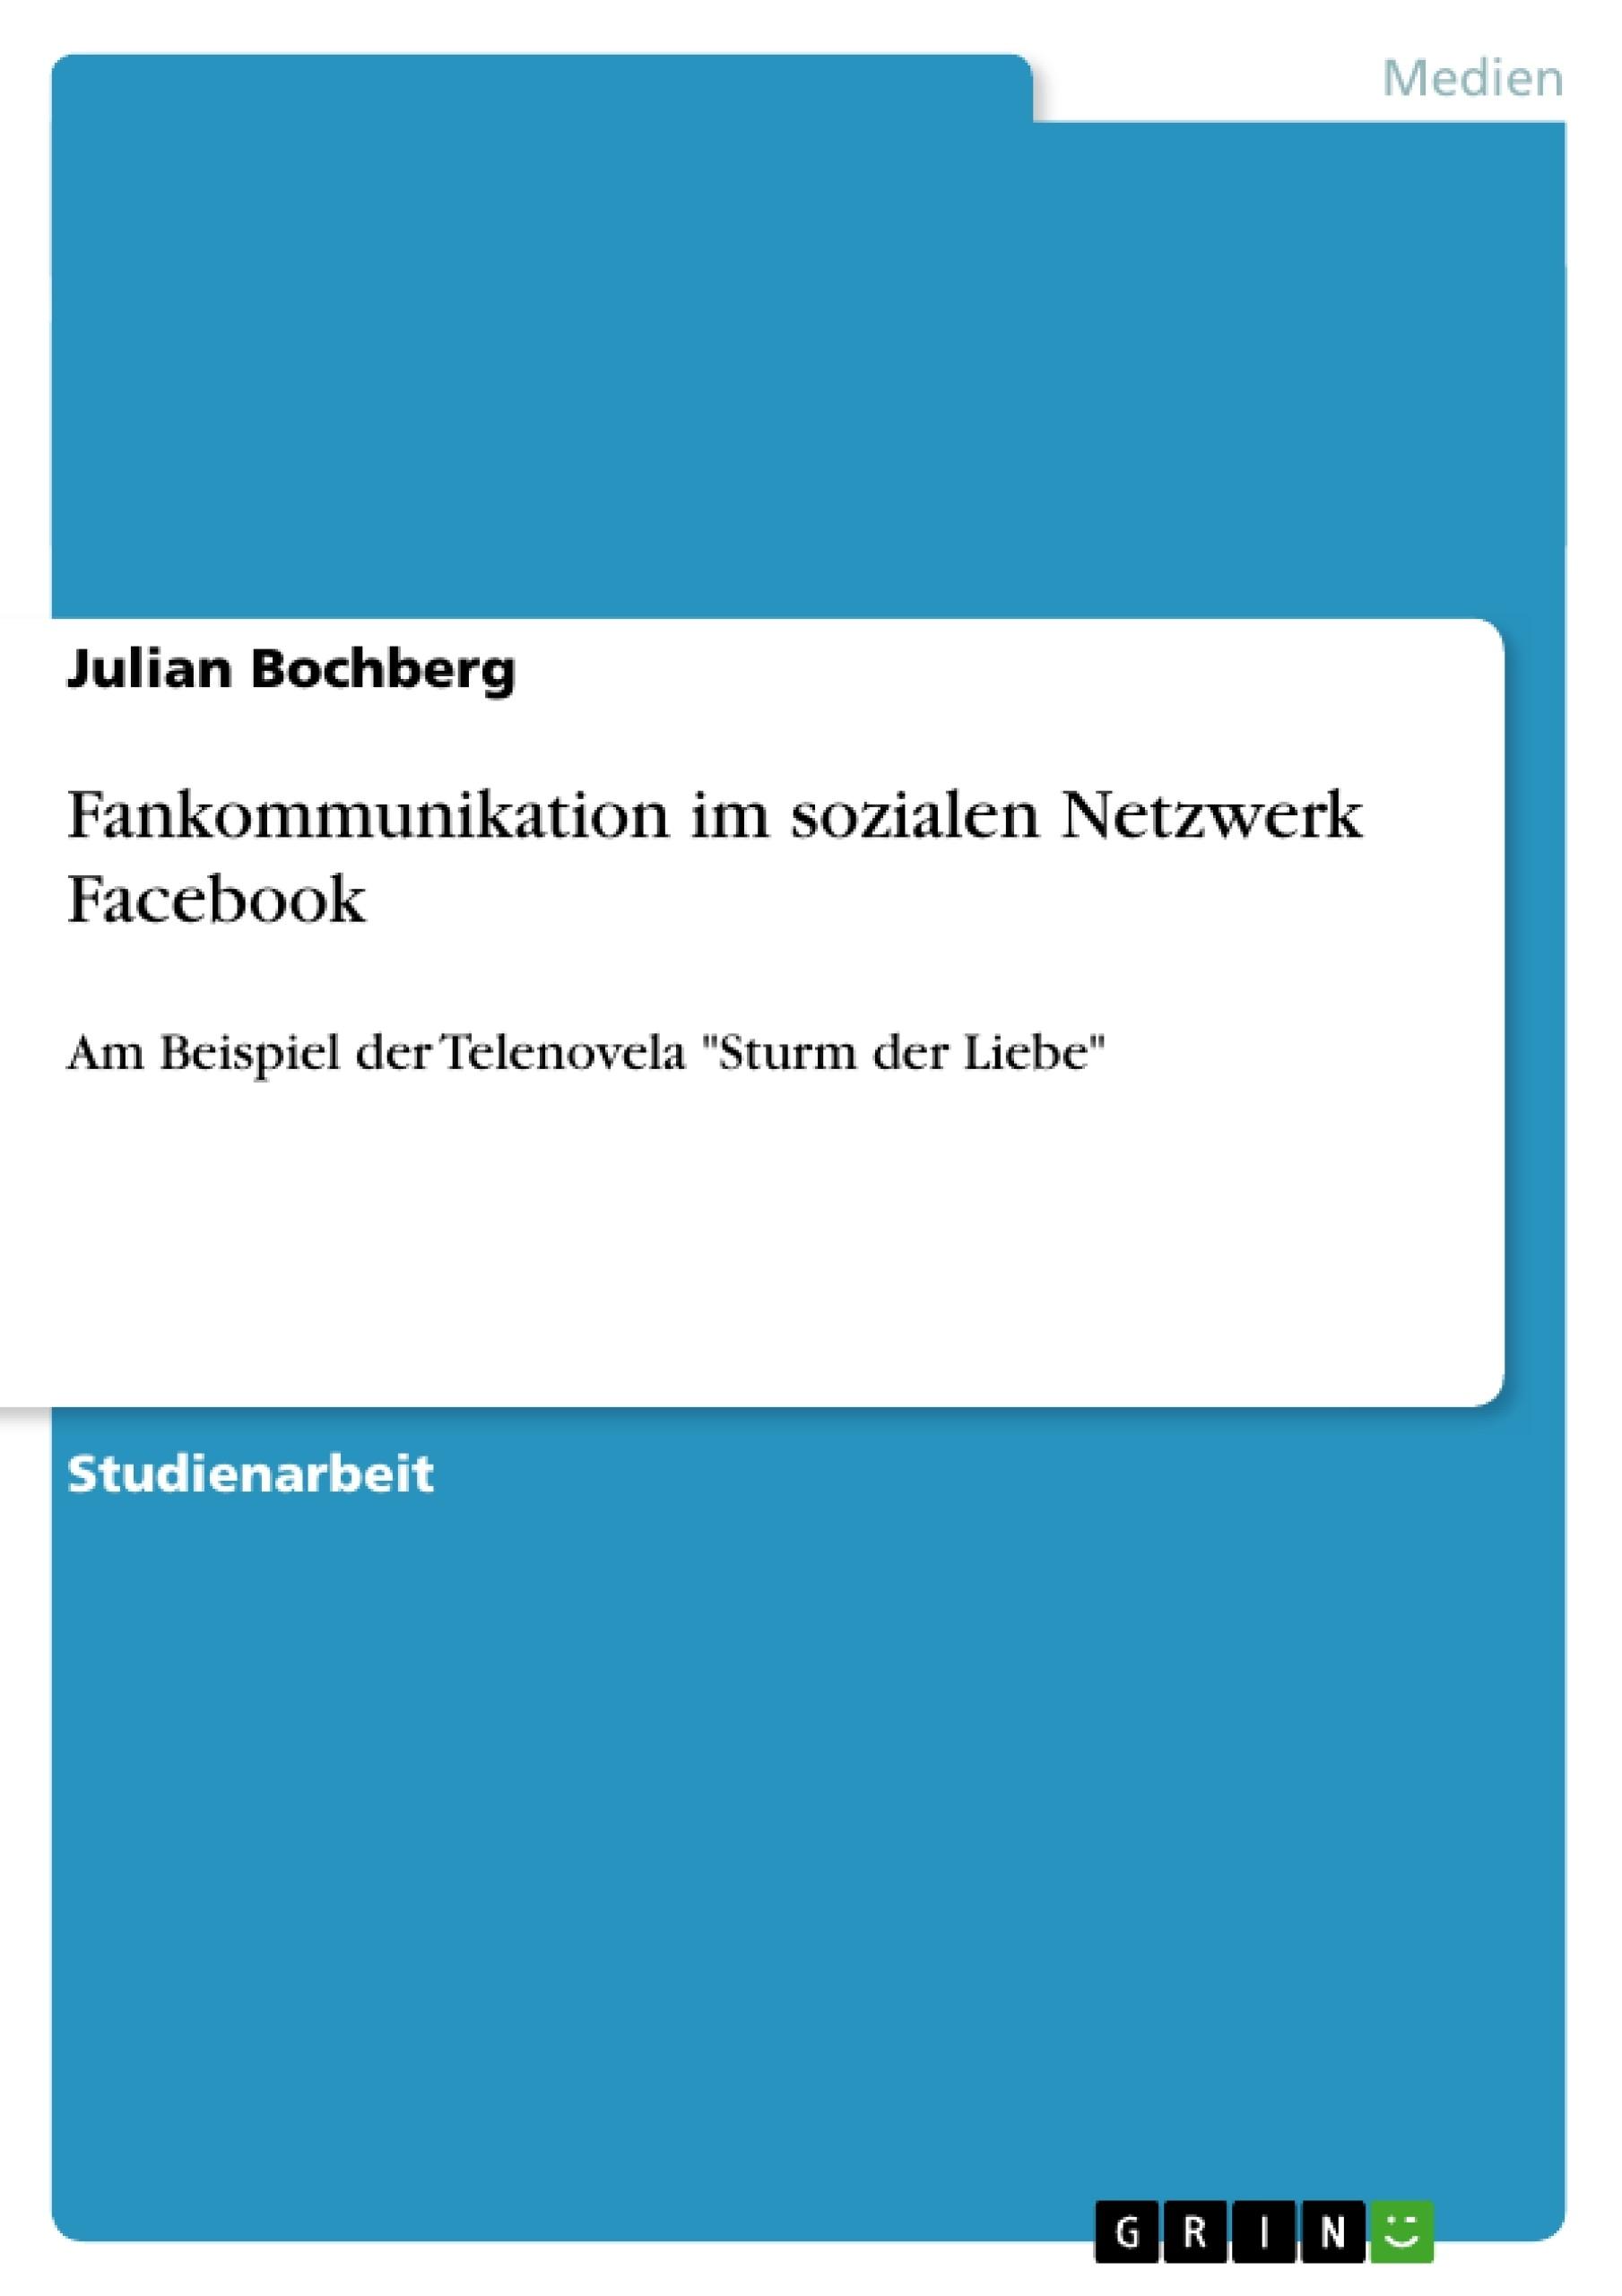 Titel: Fankommunikation im sozialen Netzwerk Facebook